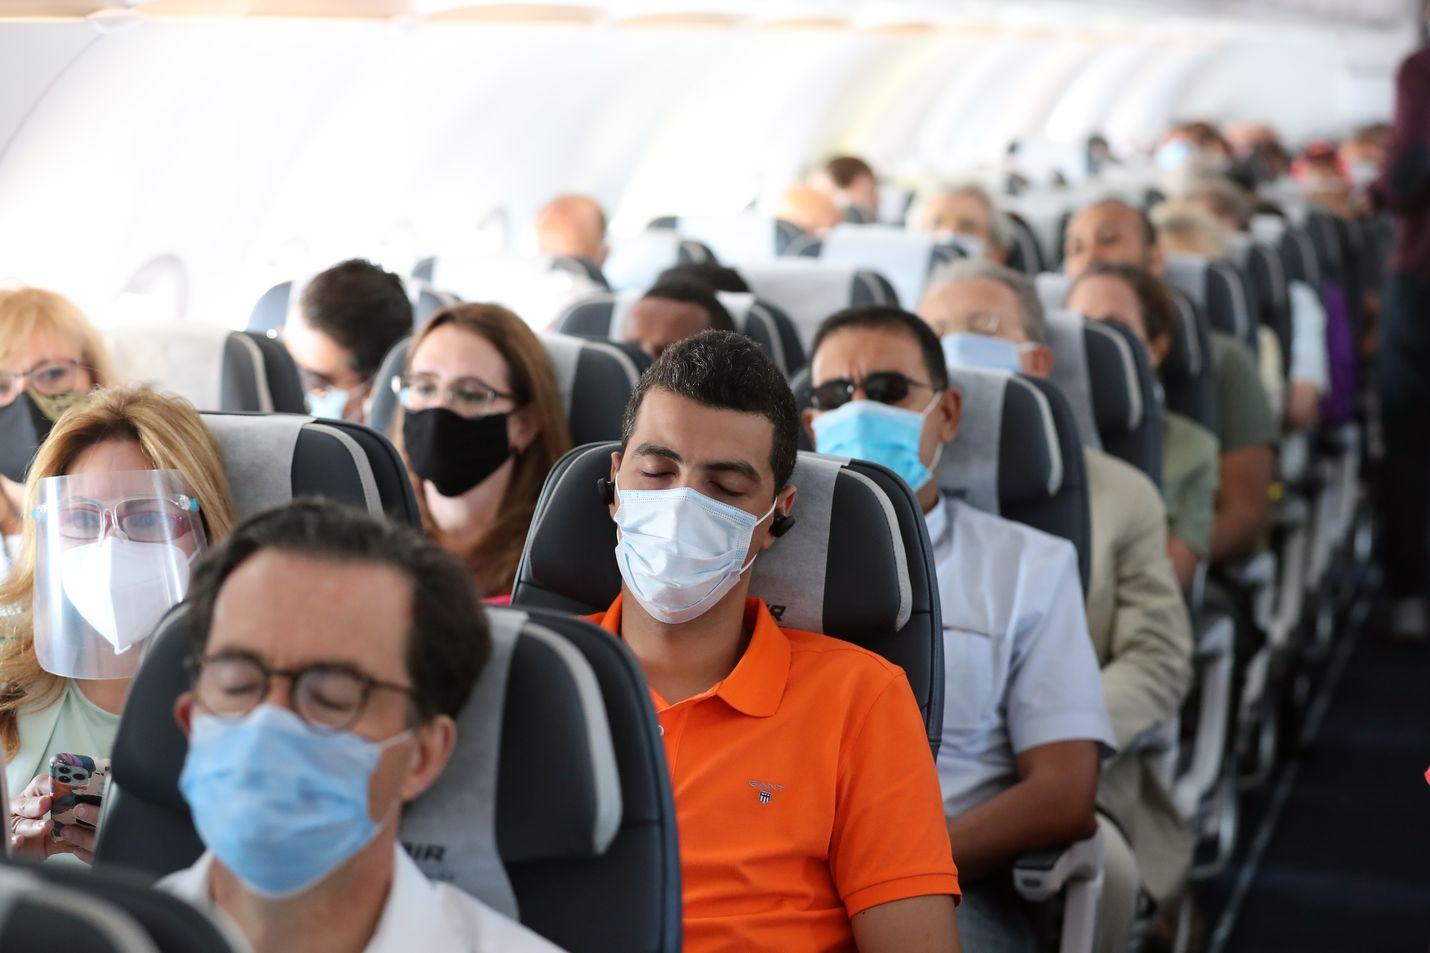 Matkustajat suojautuivat visiireillä ja hengityssuojaimilla lentokoneessa, joka nousi ilmaan Kairon lentäkentältä syyskuun lopussa.